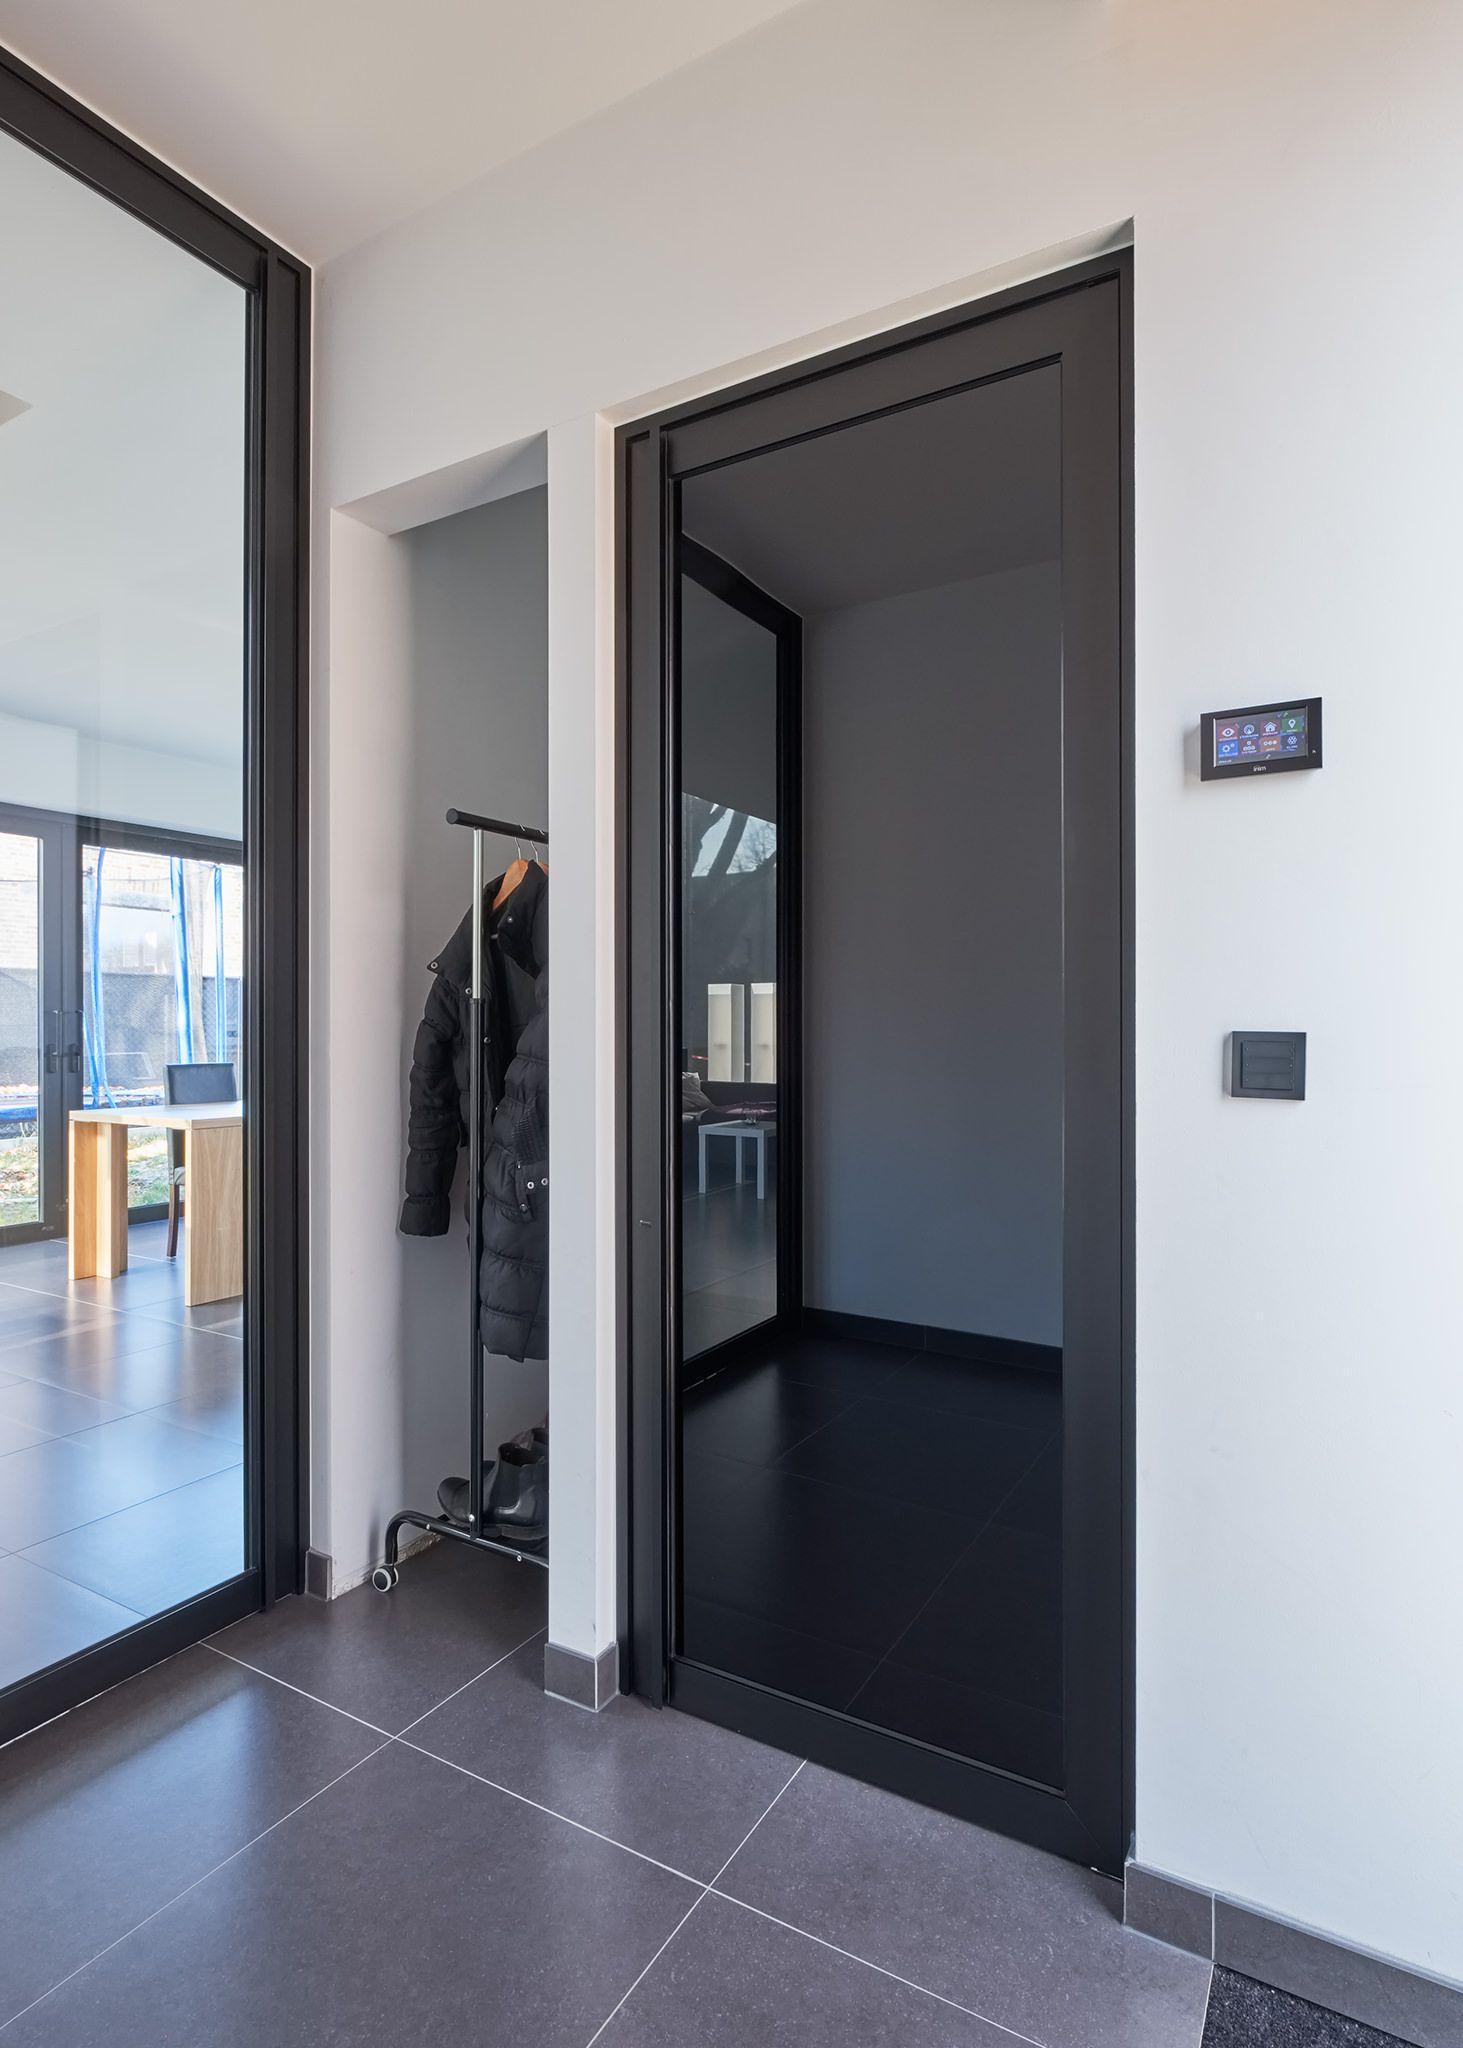 Porte Pour Un Toilet En Verre Noir Avec Des Profiles Anodisé Noir